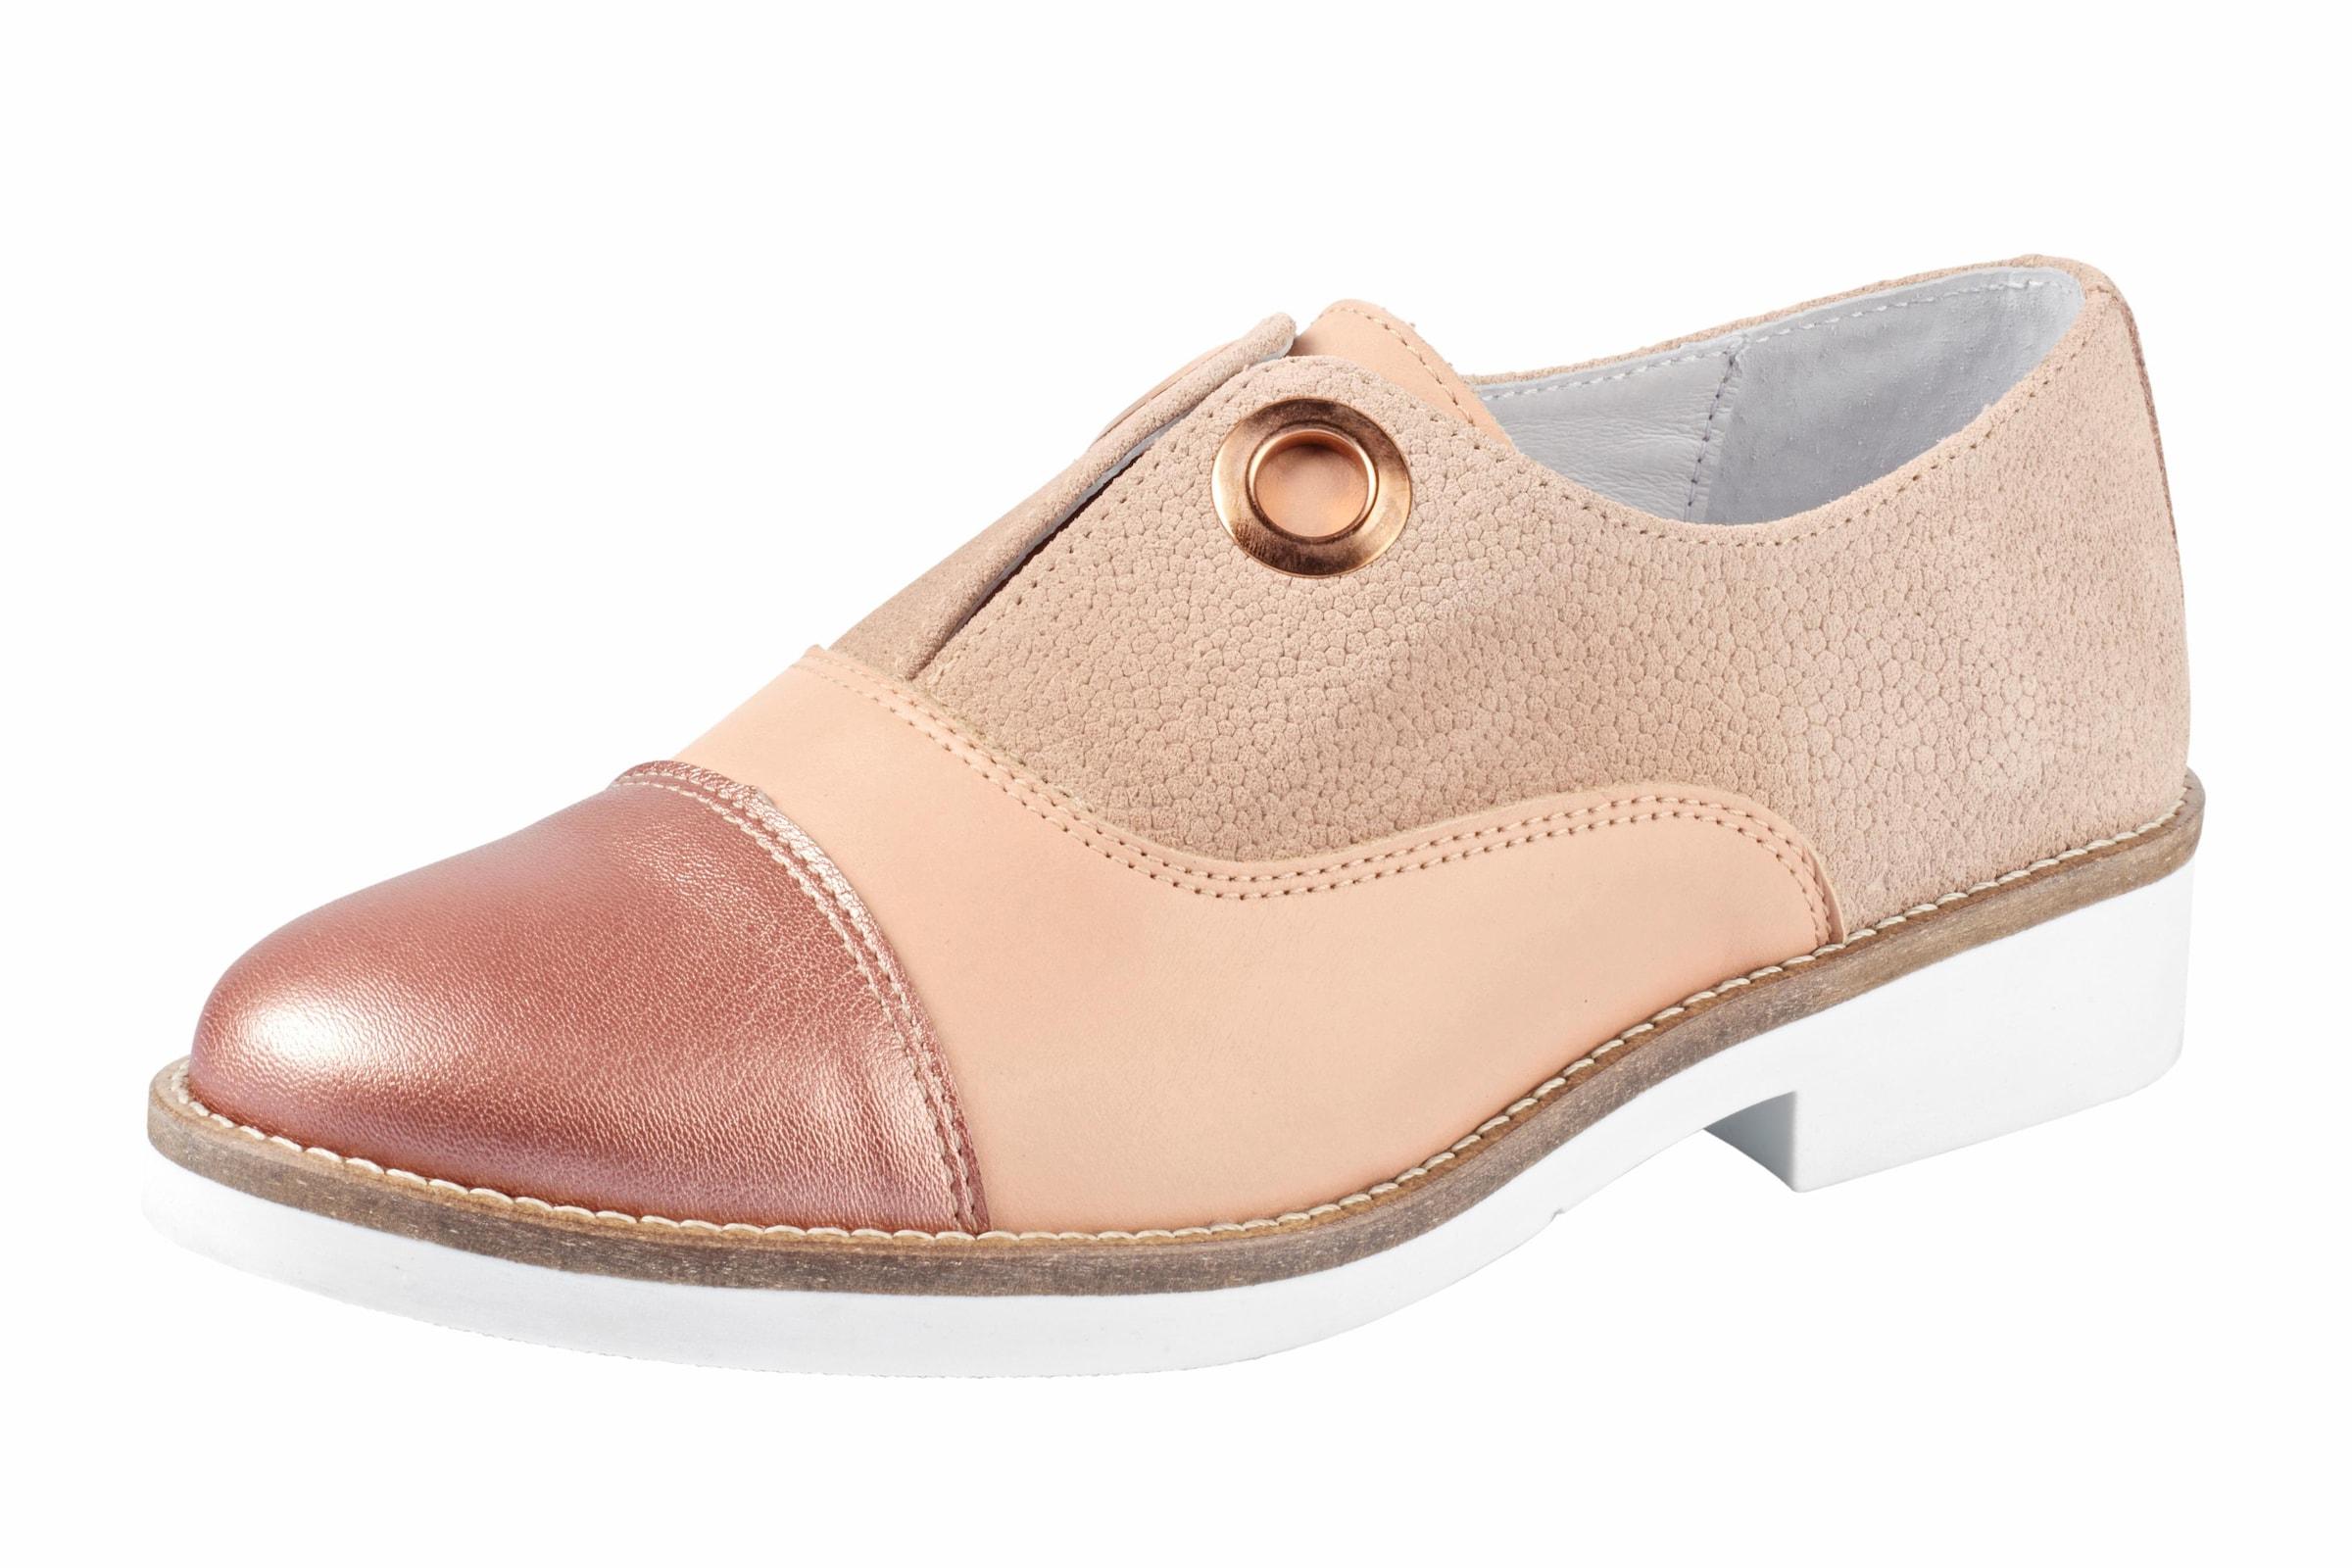 Haltbare Mode billige Schuhe heine | Slipper Schuhe Gut getragene Schuhe